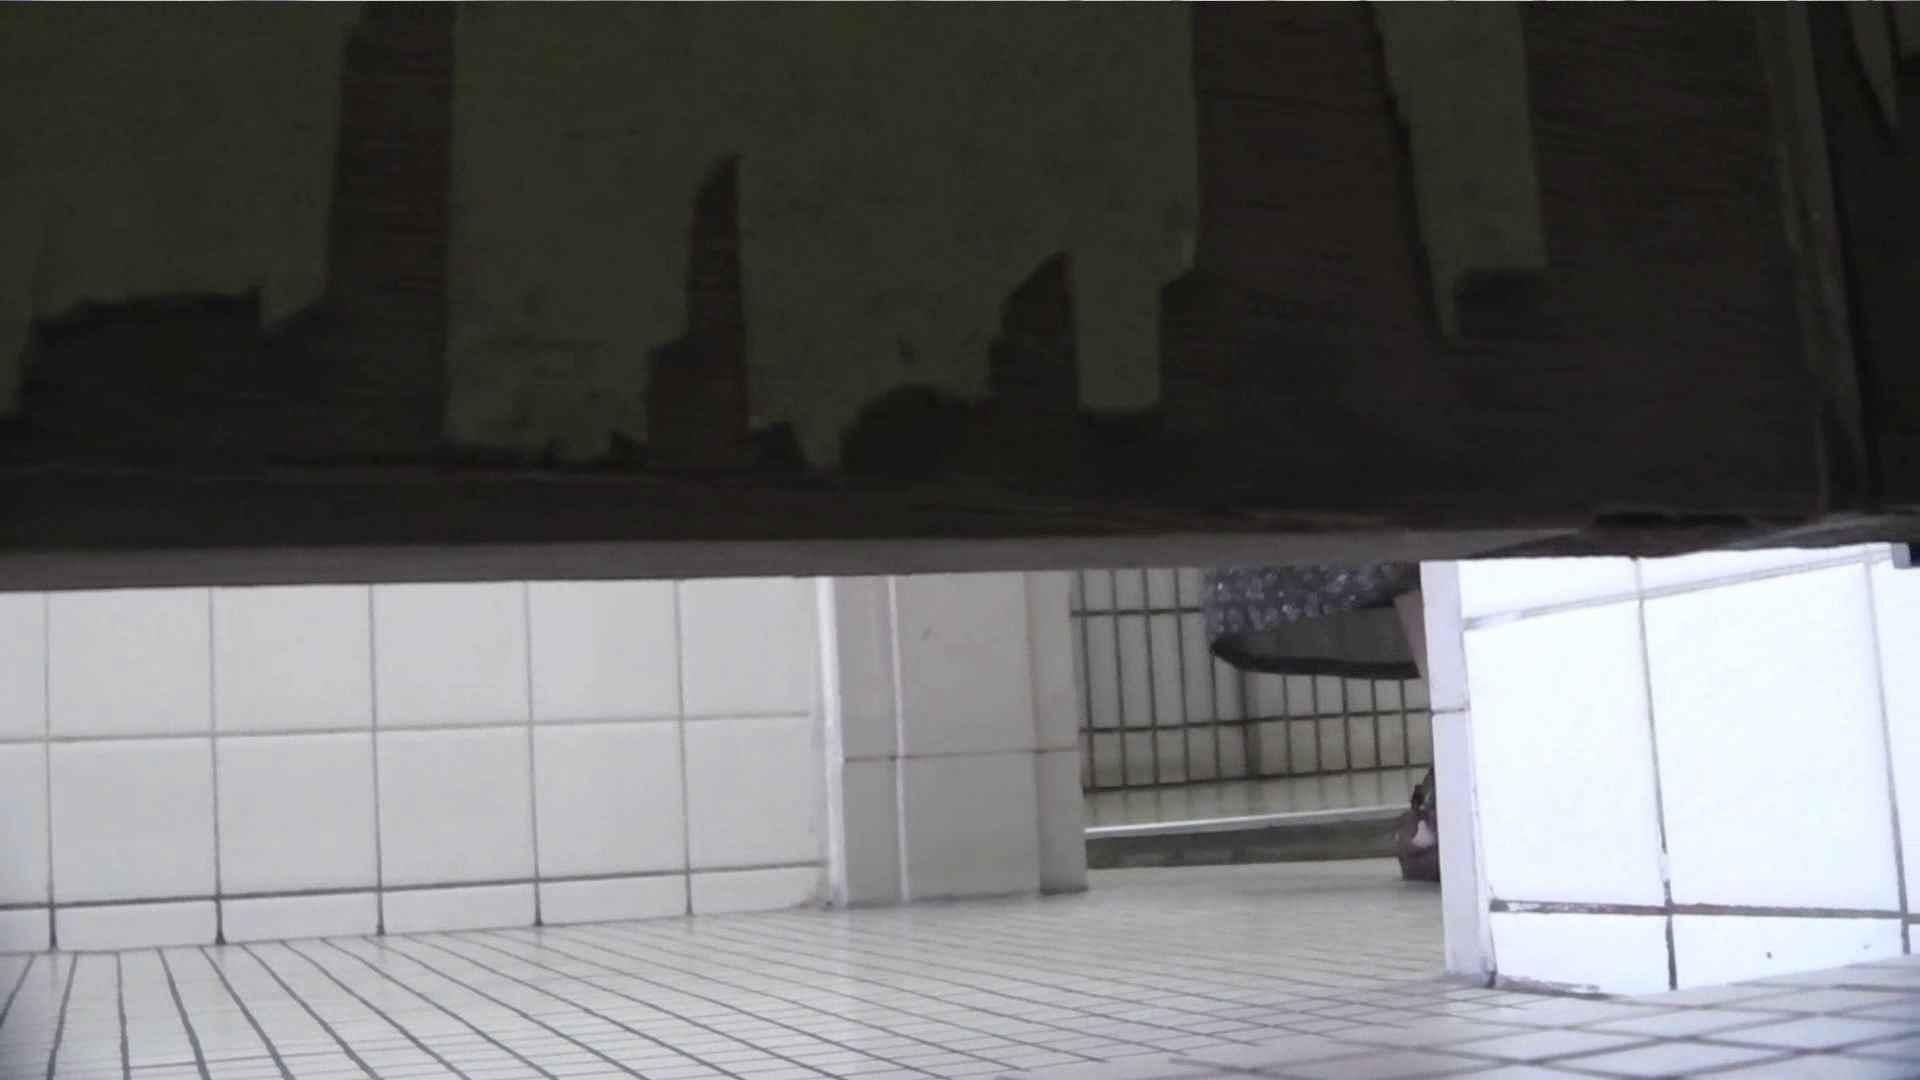 【美しき個室な世界】 vol.018 ピンクのおネエタン OLの実態 | 洗面所  52pic 49